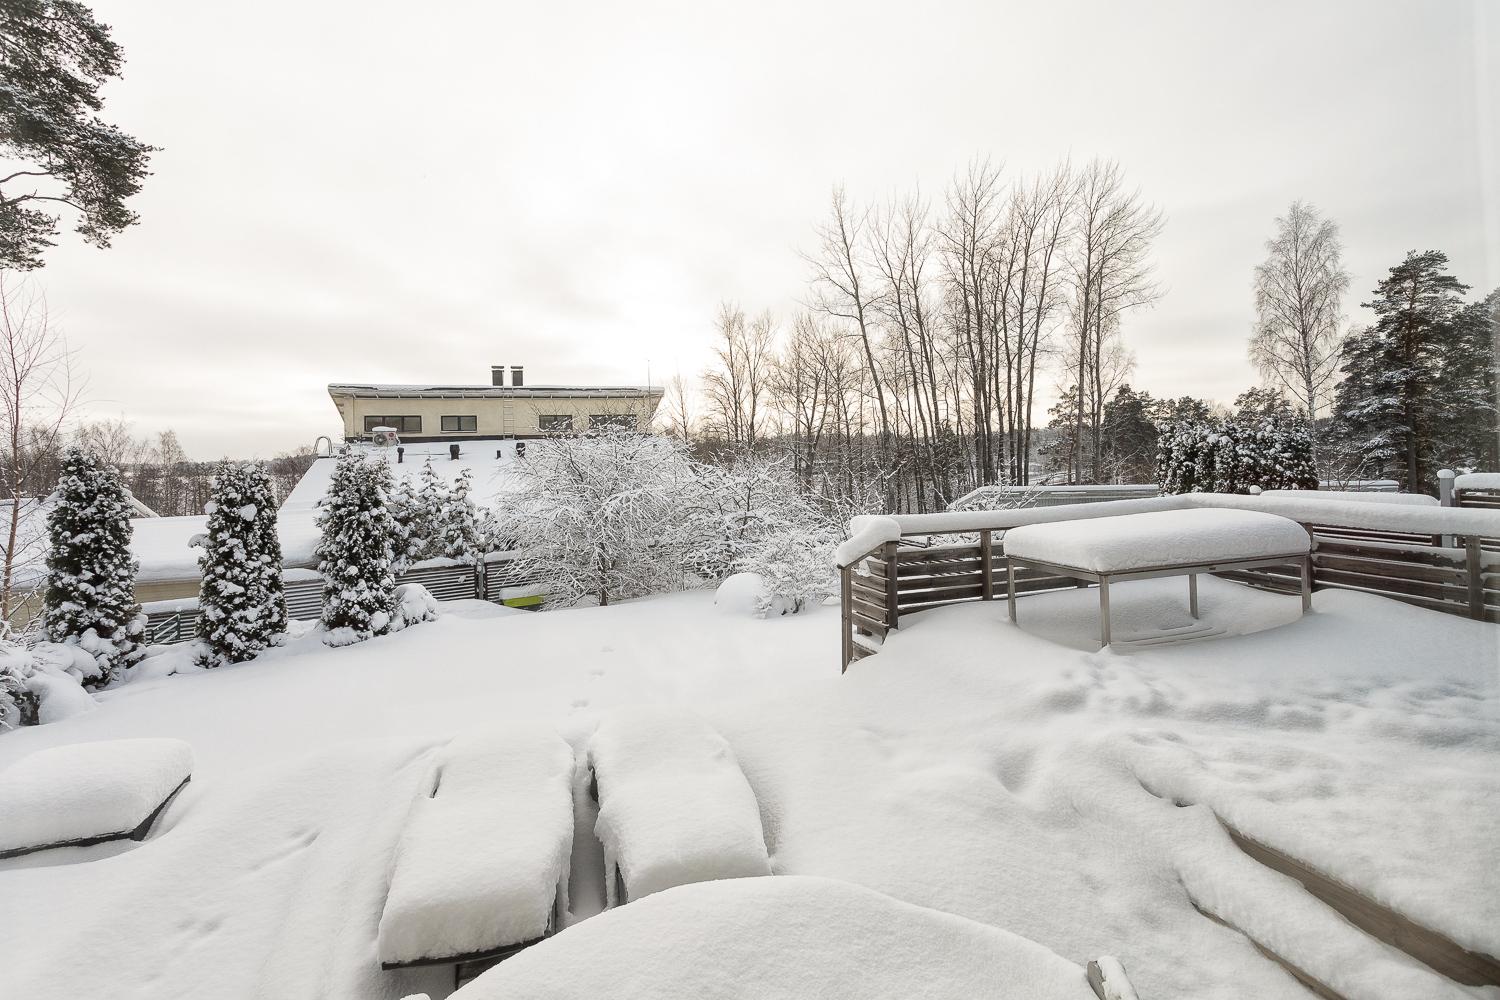 Etelään avautuva terassi ja puutarhapiha on vaipunut lumipeitteen alle talvehtimaan. title=